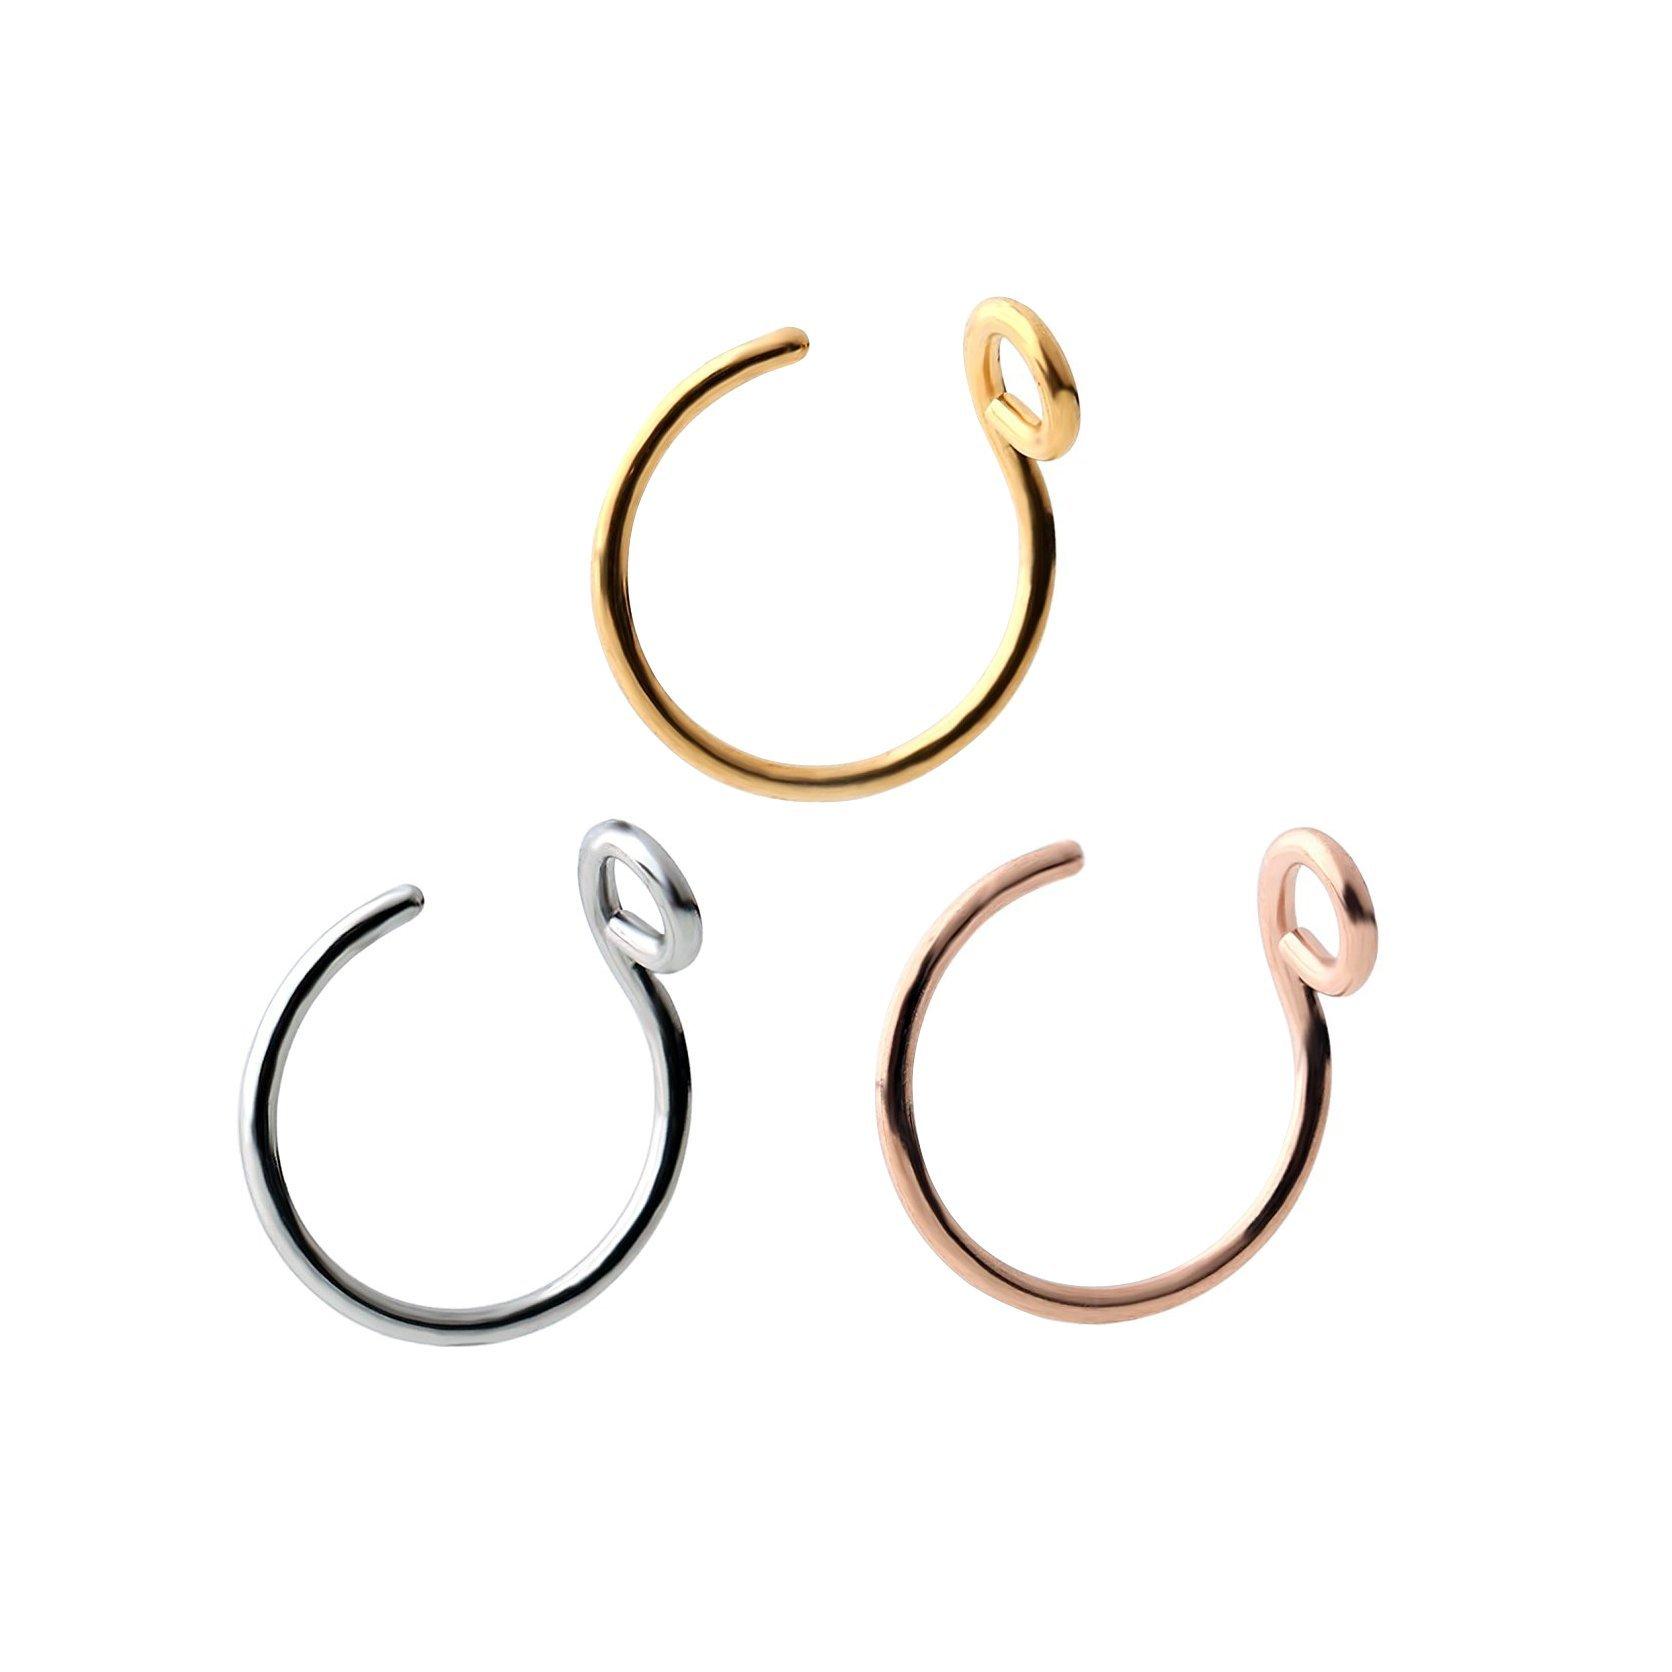 Steel Faux Clip On Earrings Nose Hoop Ring Body Jewelry Piercing Unisex 20 Gauge 8mm (3 pcs)